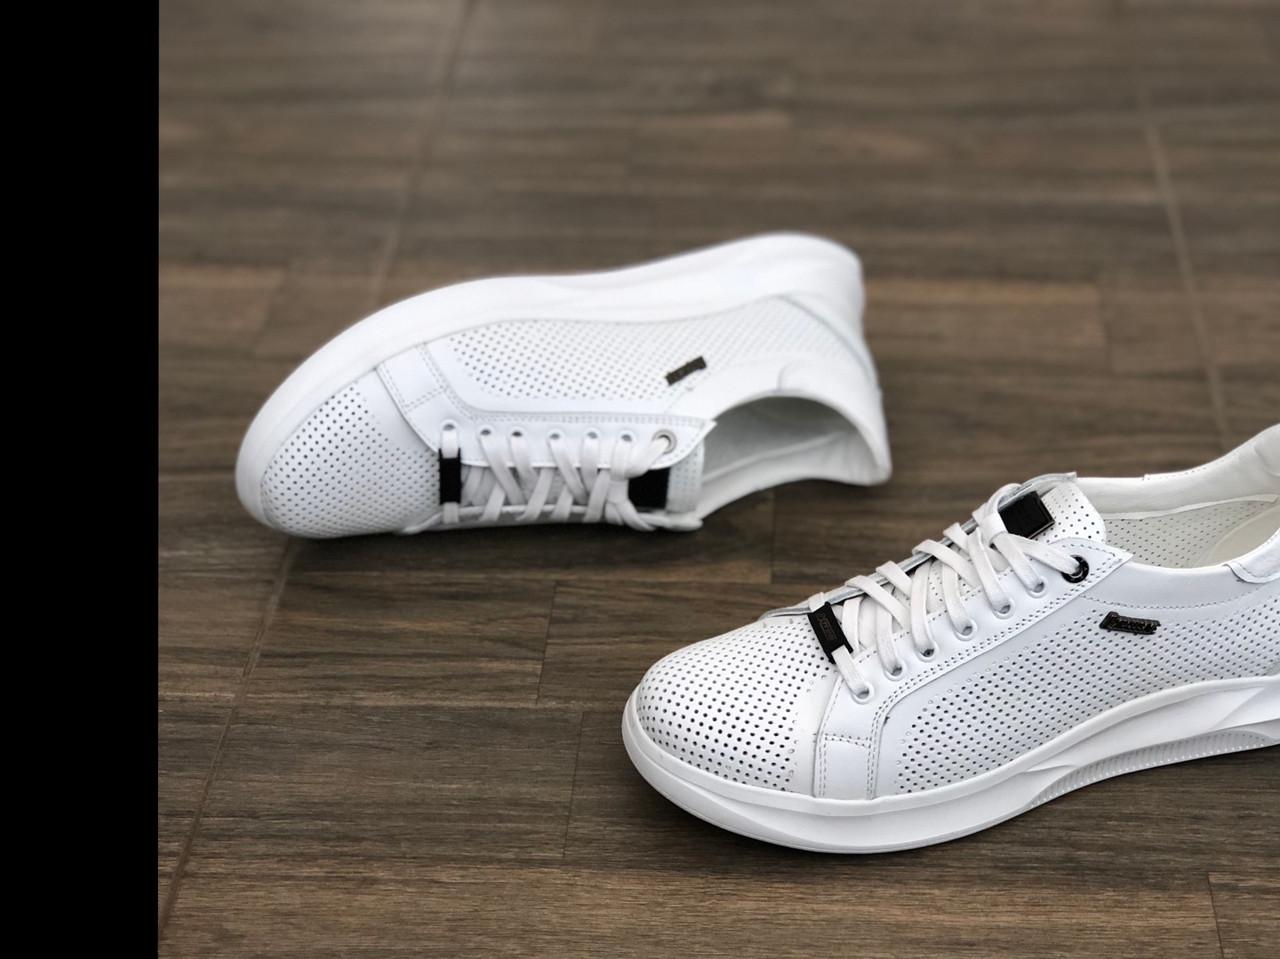 Шкіряні кросівки чоловічі EXTREM 1736 б розміри 40-45